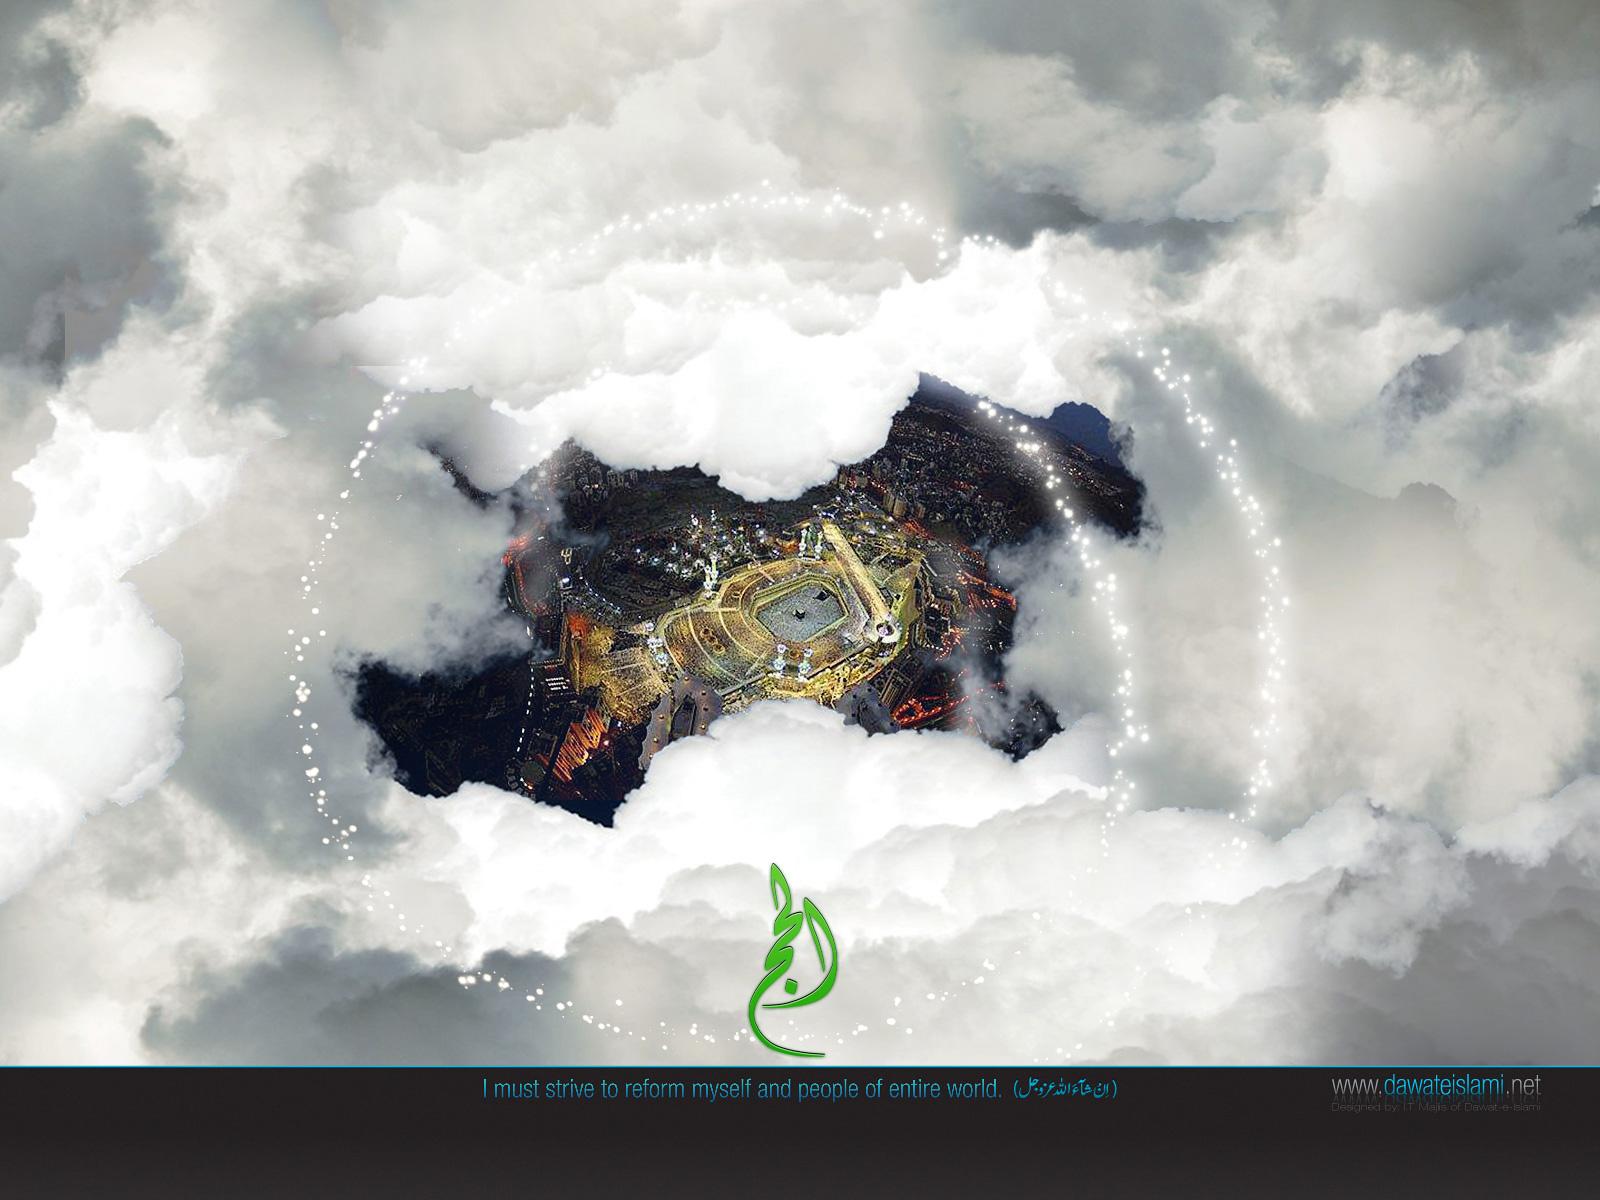 http://1.bp.blogspot.com/-CesTTXCW2O0/UG3JVjyl-5I/AAAAAAAAAfA/oCchPhOO6rE/s1600/Hajj-And-Eid-Adha-Wallpaper-Dawat-e-Islami-19.jpg